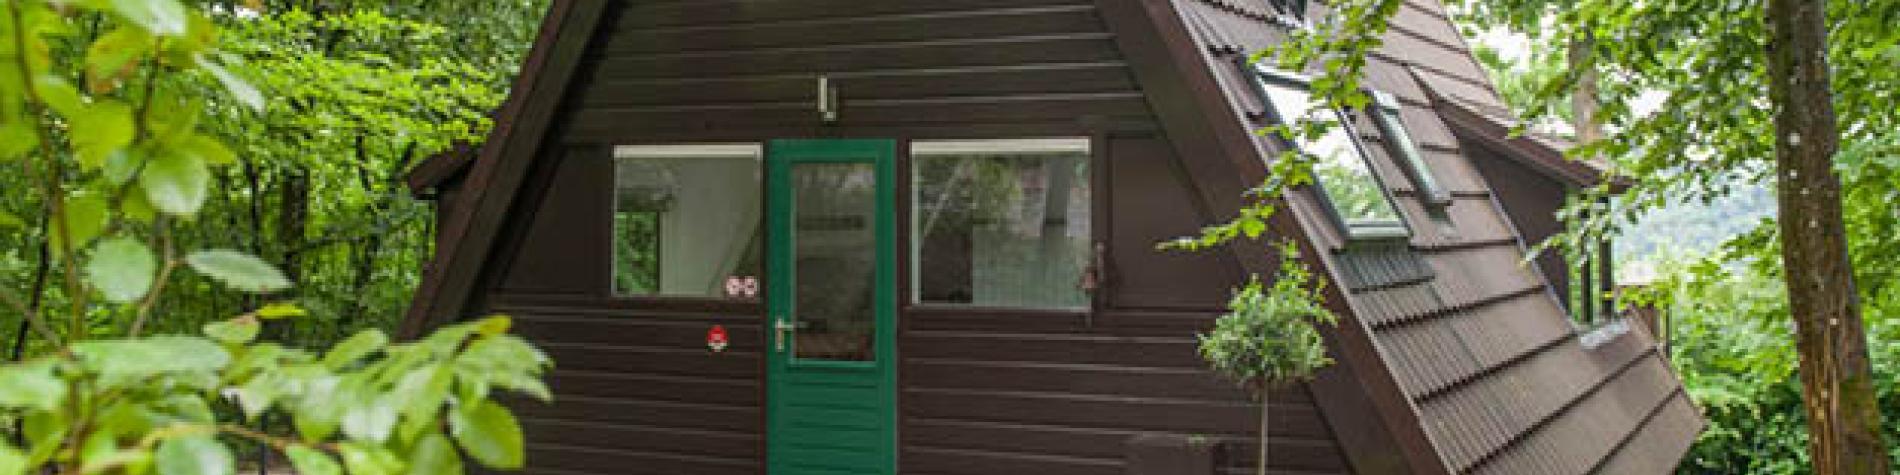 Village de vacances Sunclass Durbuy - domaine boisé - Durbuy - Bungalows